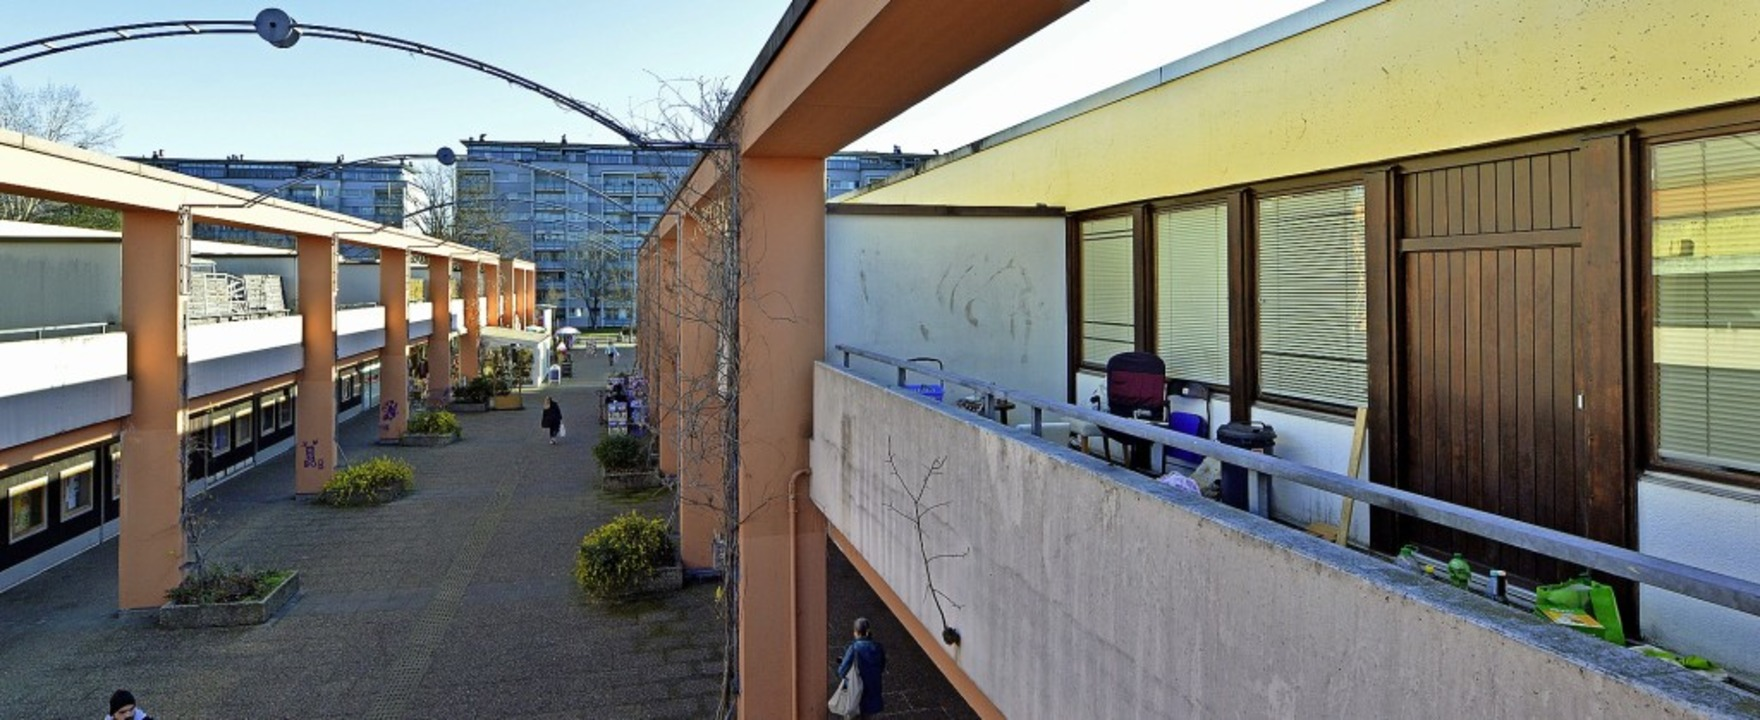 Manche der Ex-Praxen werden  inzwischen offenbar für Wohnzwecke genutzt.  | Foto: Michael Bamberger